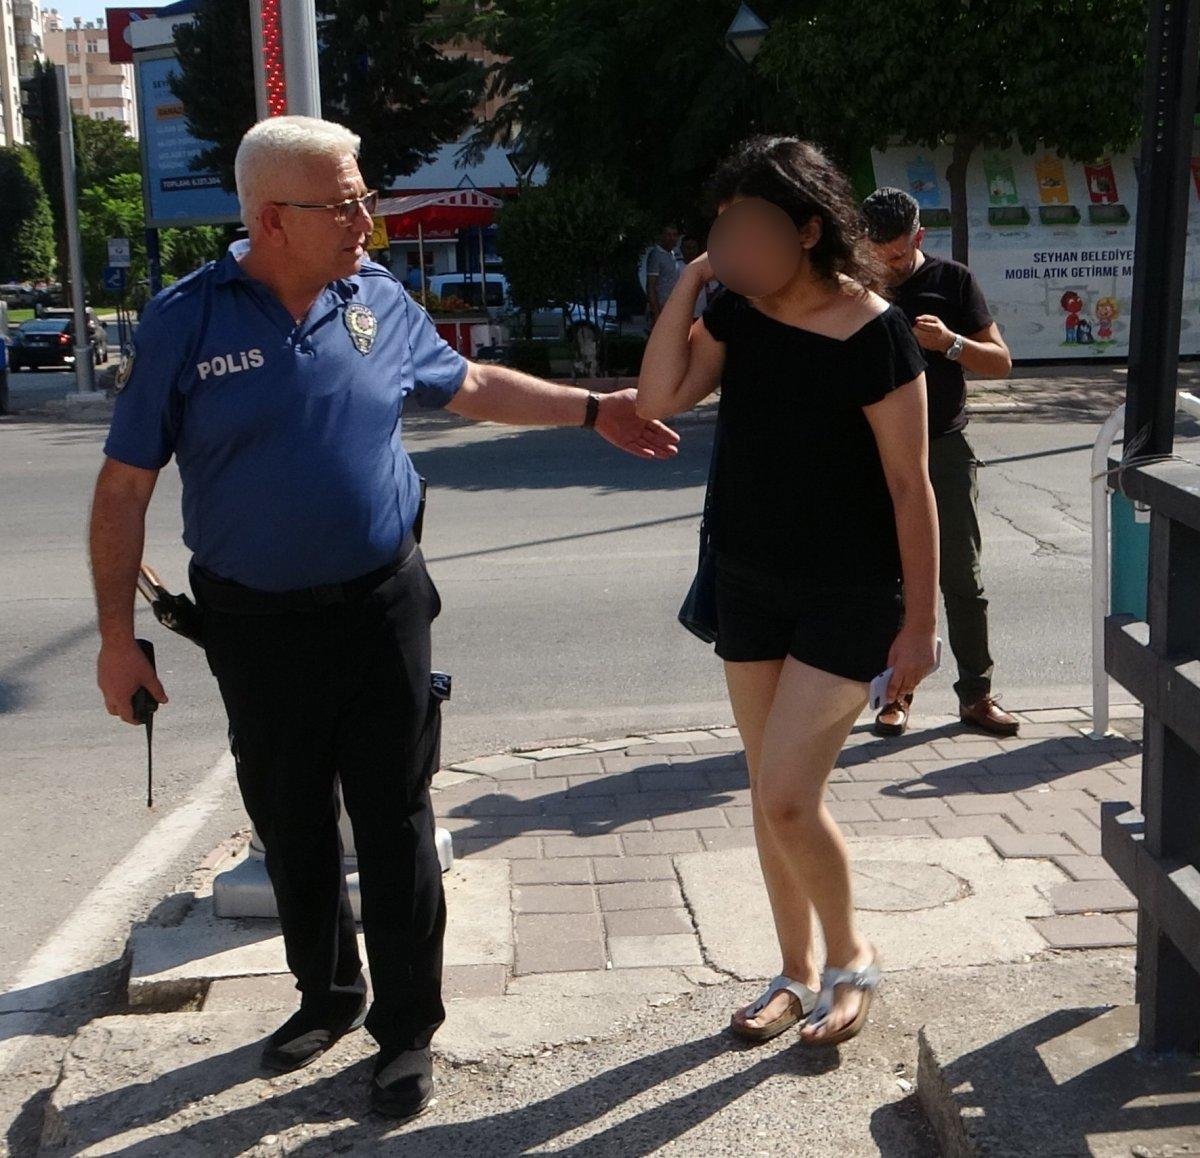 Adana'da genç kız, boğazı sıkılarak tecavüze uğradı #4